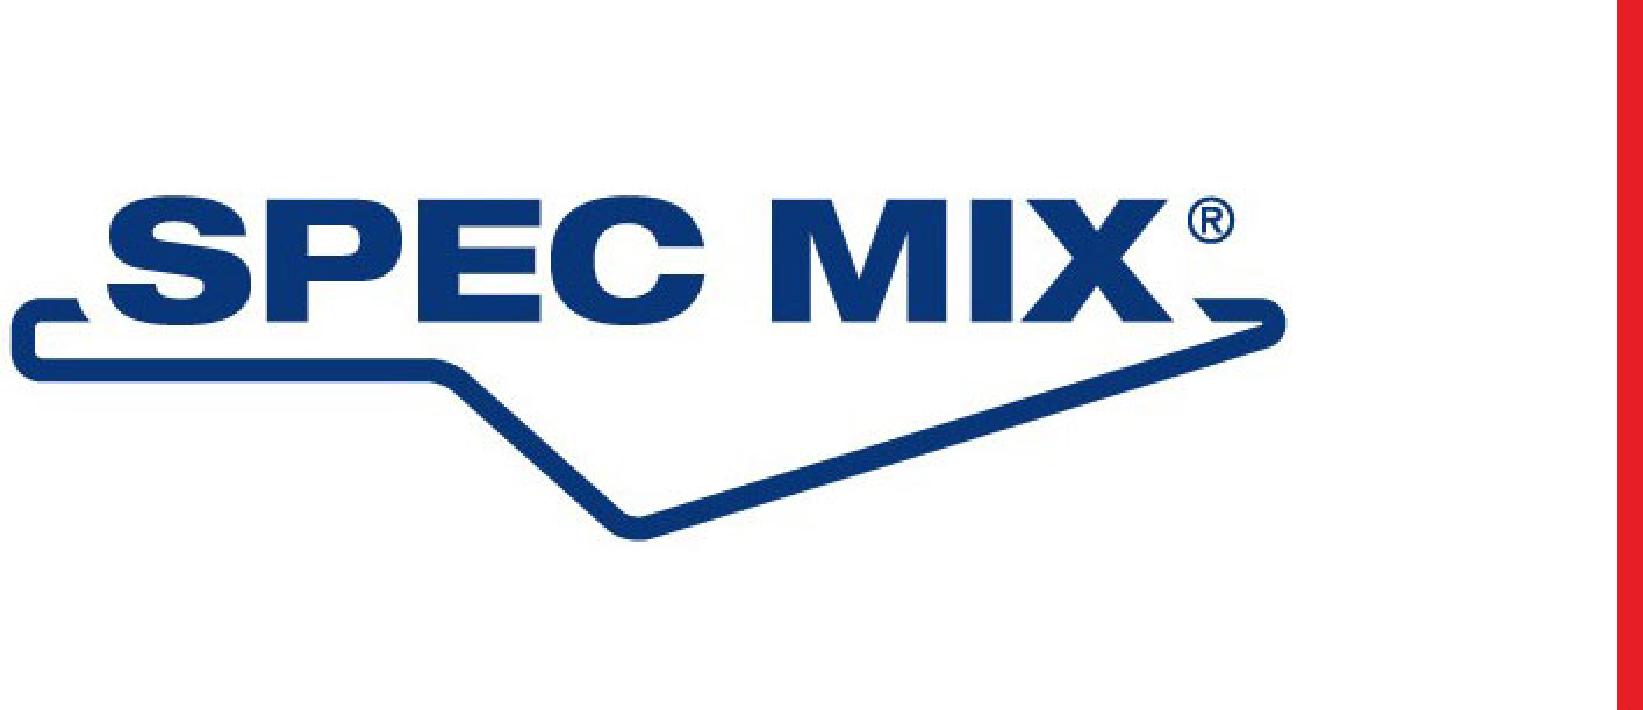 specmix-logo.png